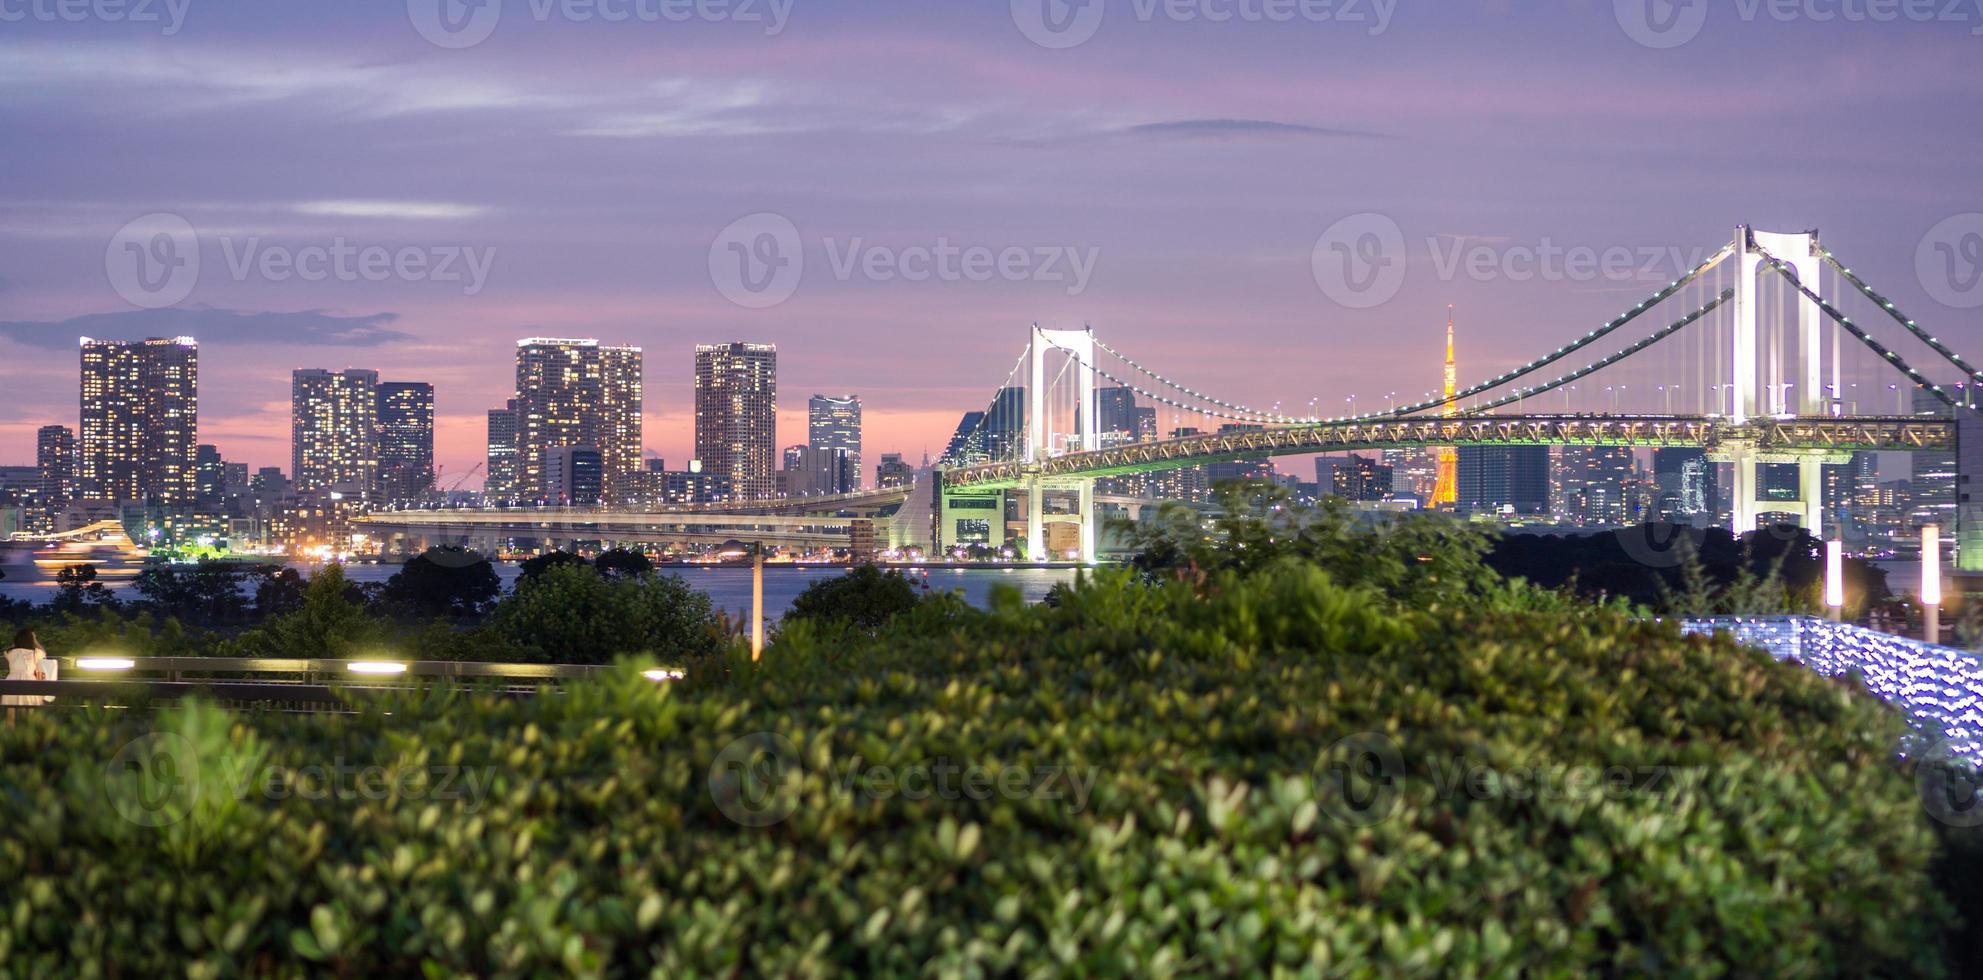 panoramautsikt över regnbågens bro och tokyo skyline från odaiba, nattutsikt foto